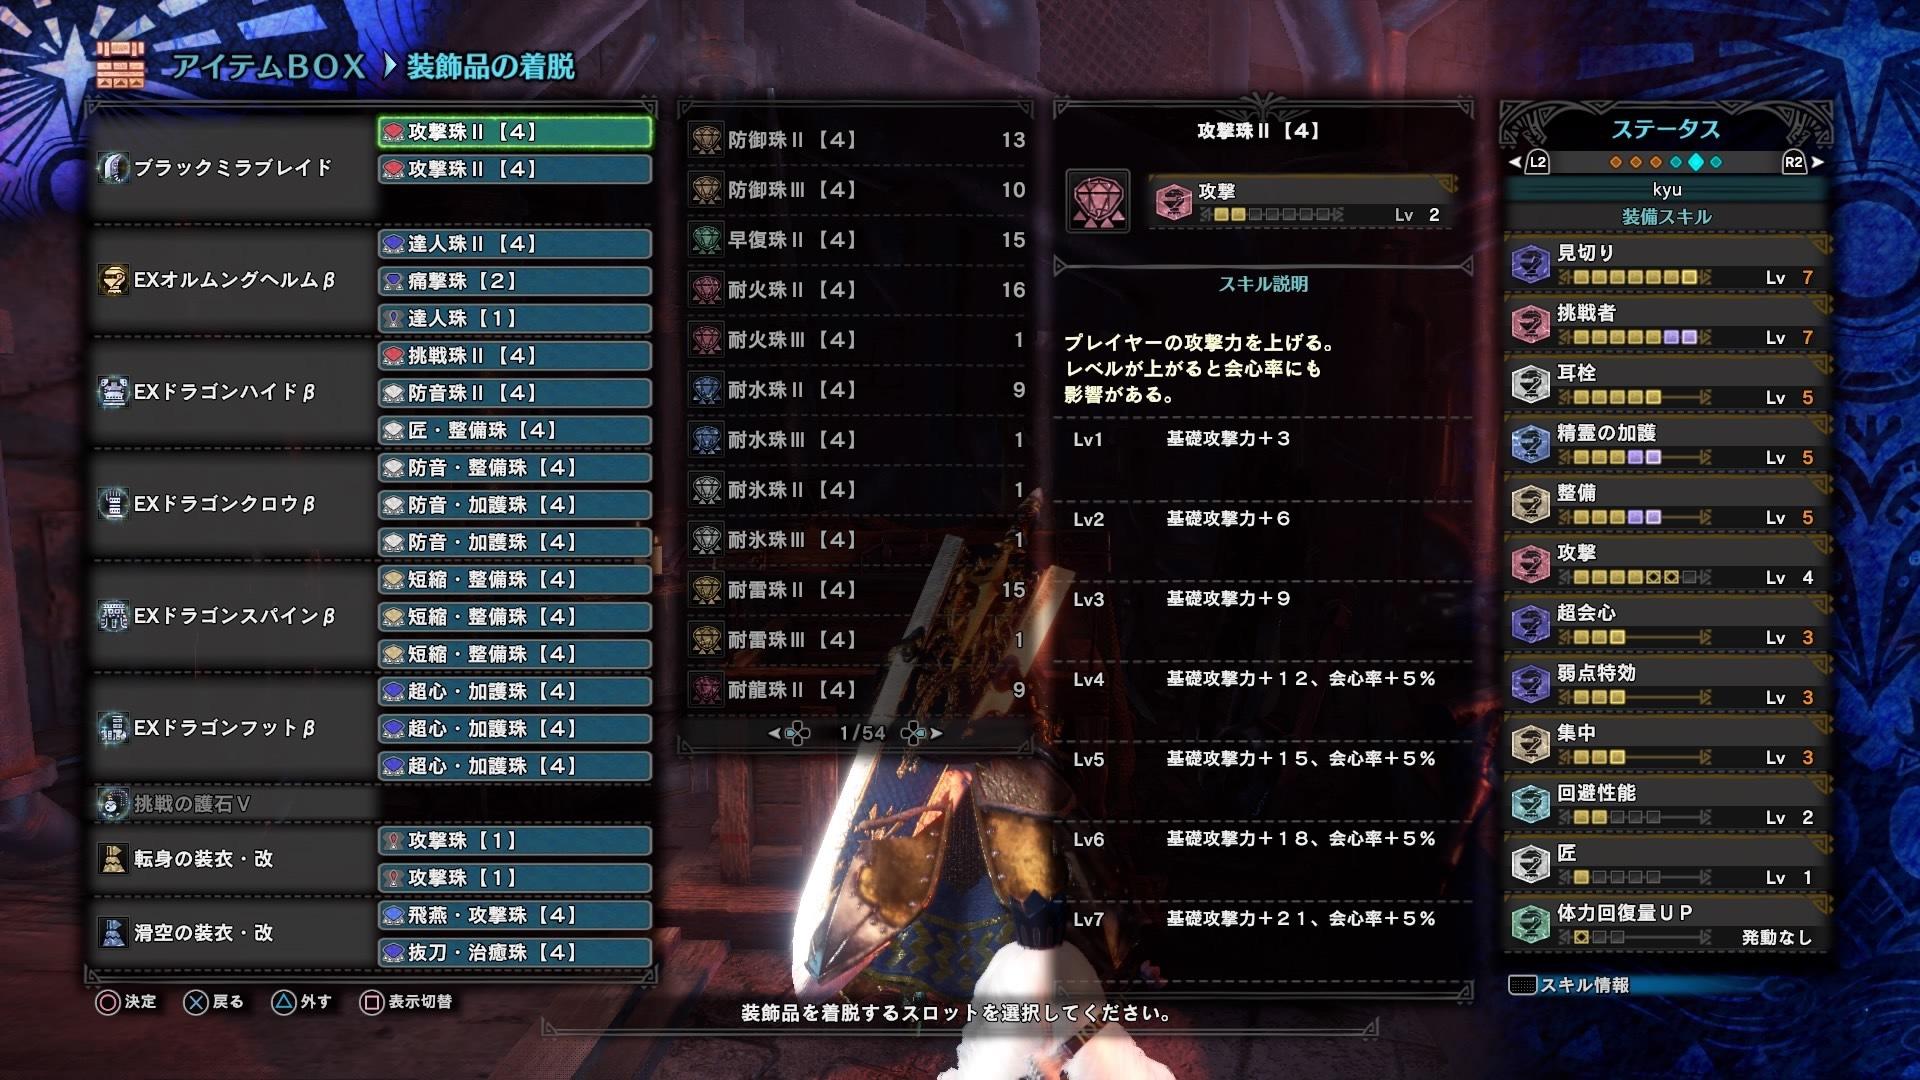 大 モンハン 剣 装備 xx